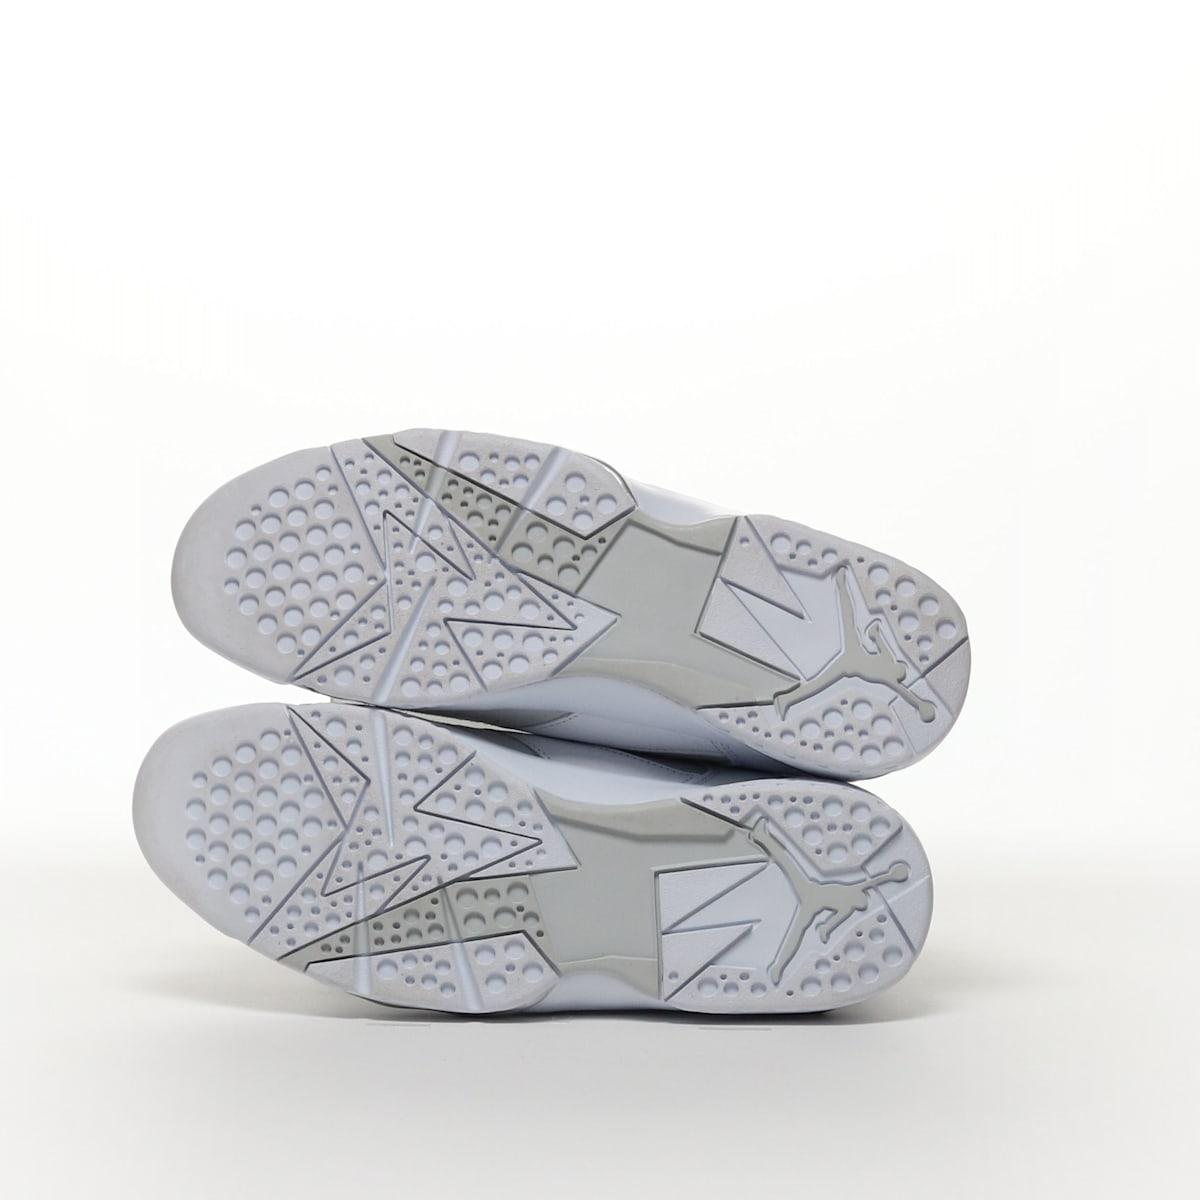 save off 77e4b 484de ... Air Jordan 7 Retro.  Actual Shoe